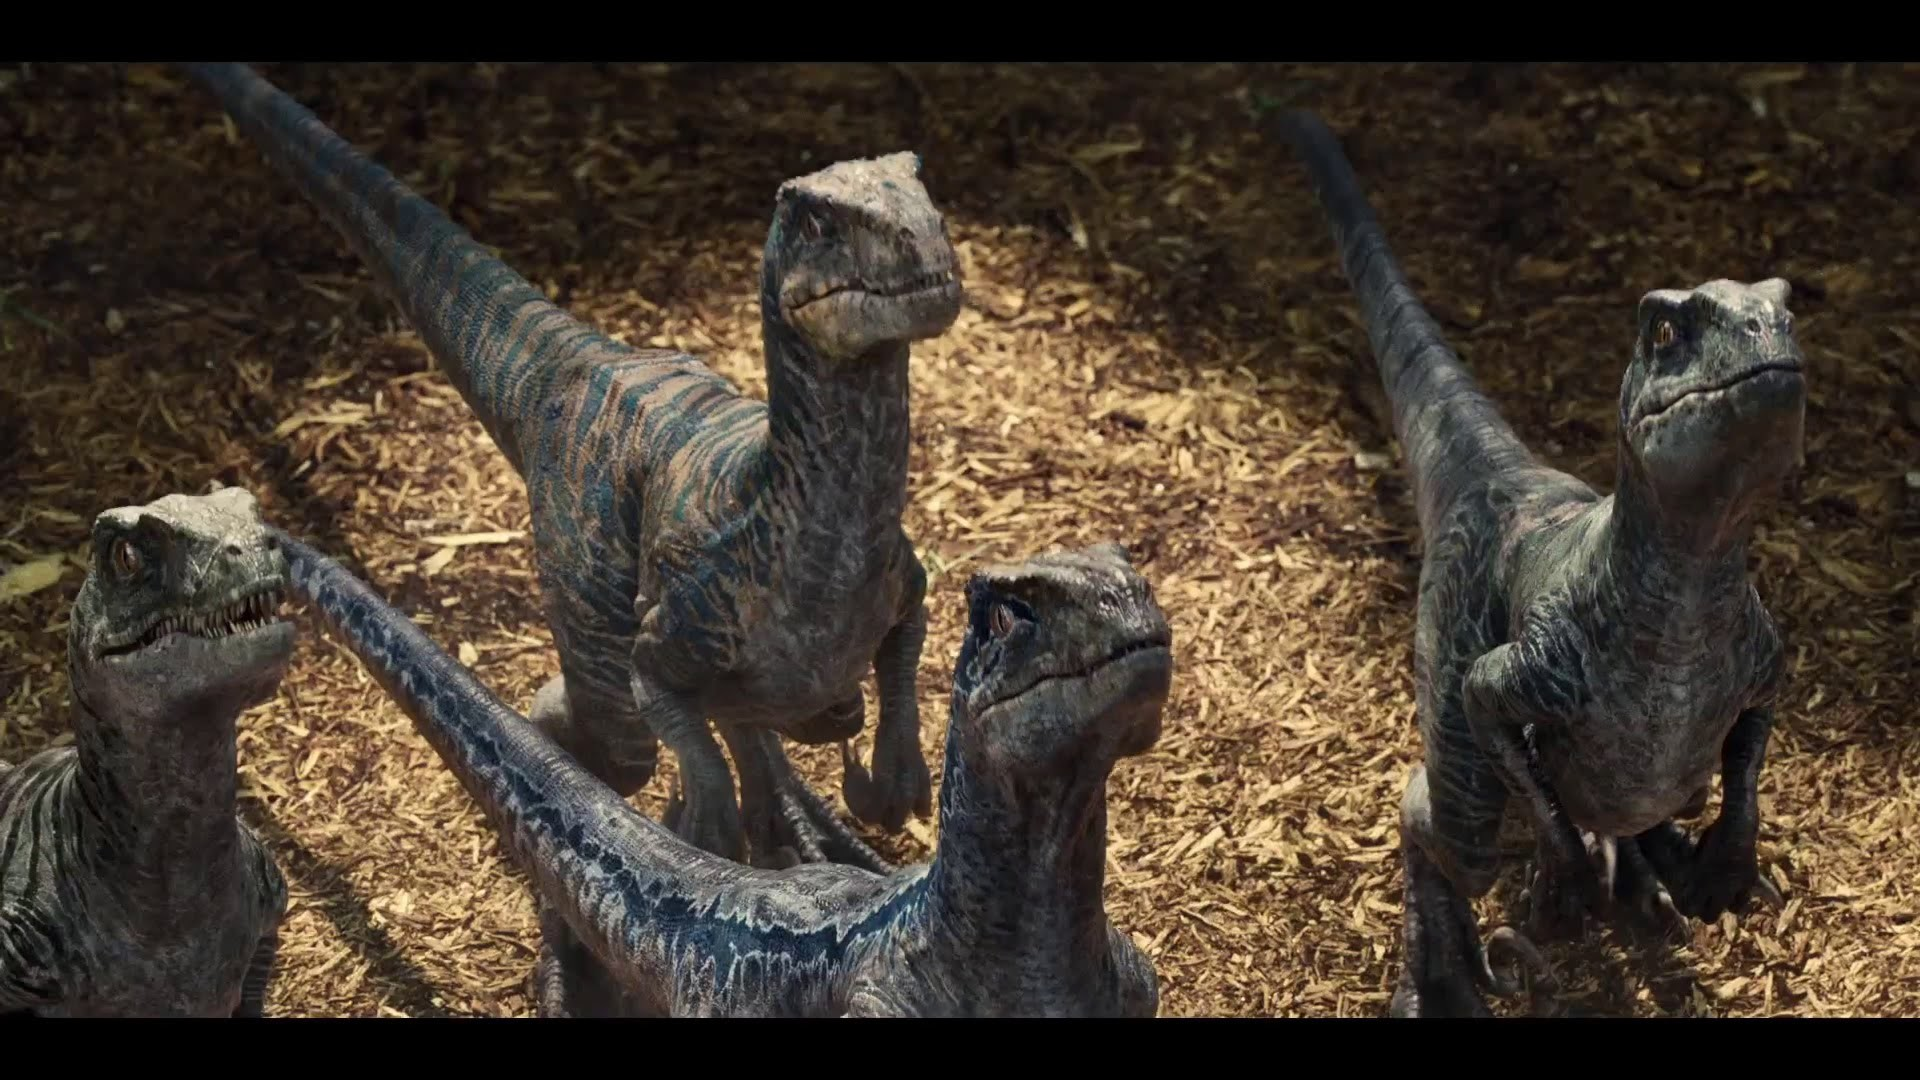 jurassic world velociraptor wallpaper 82 images